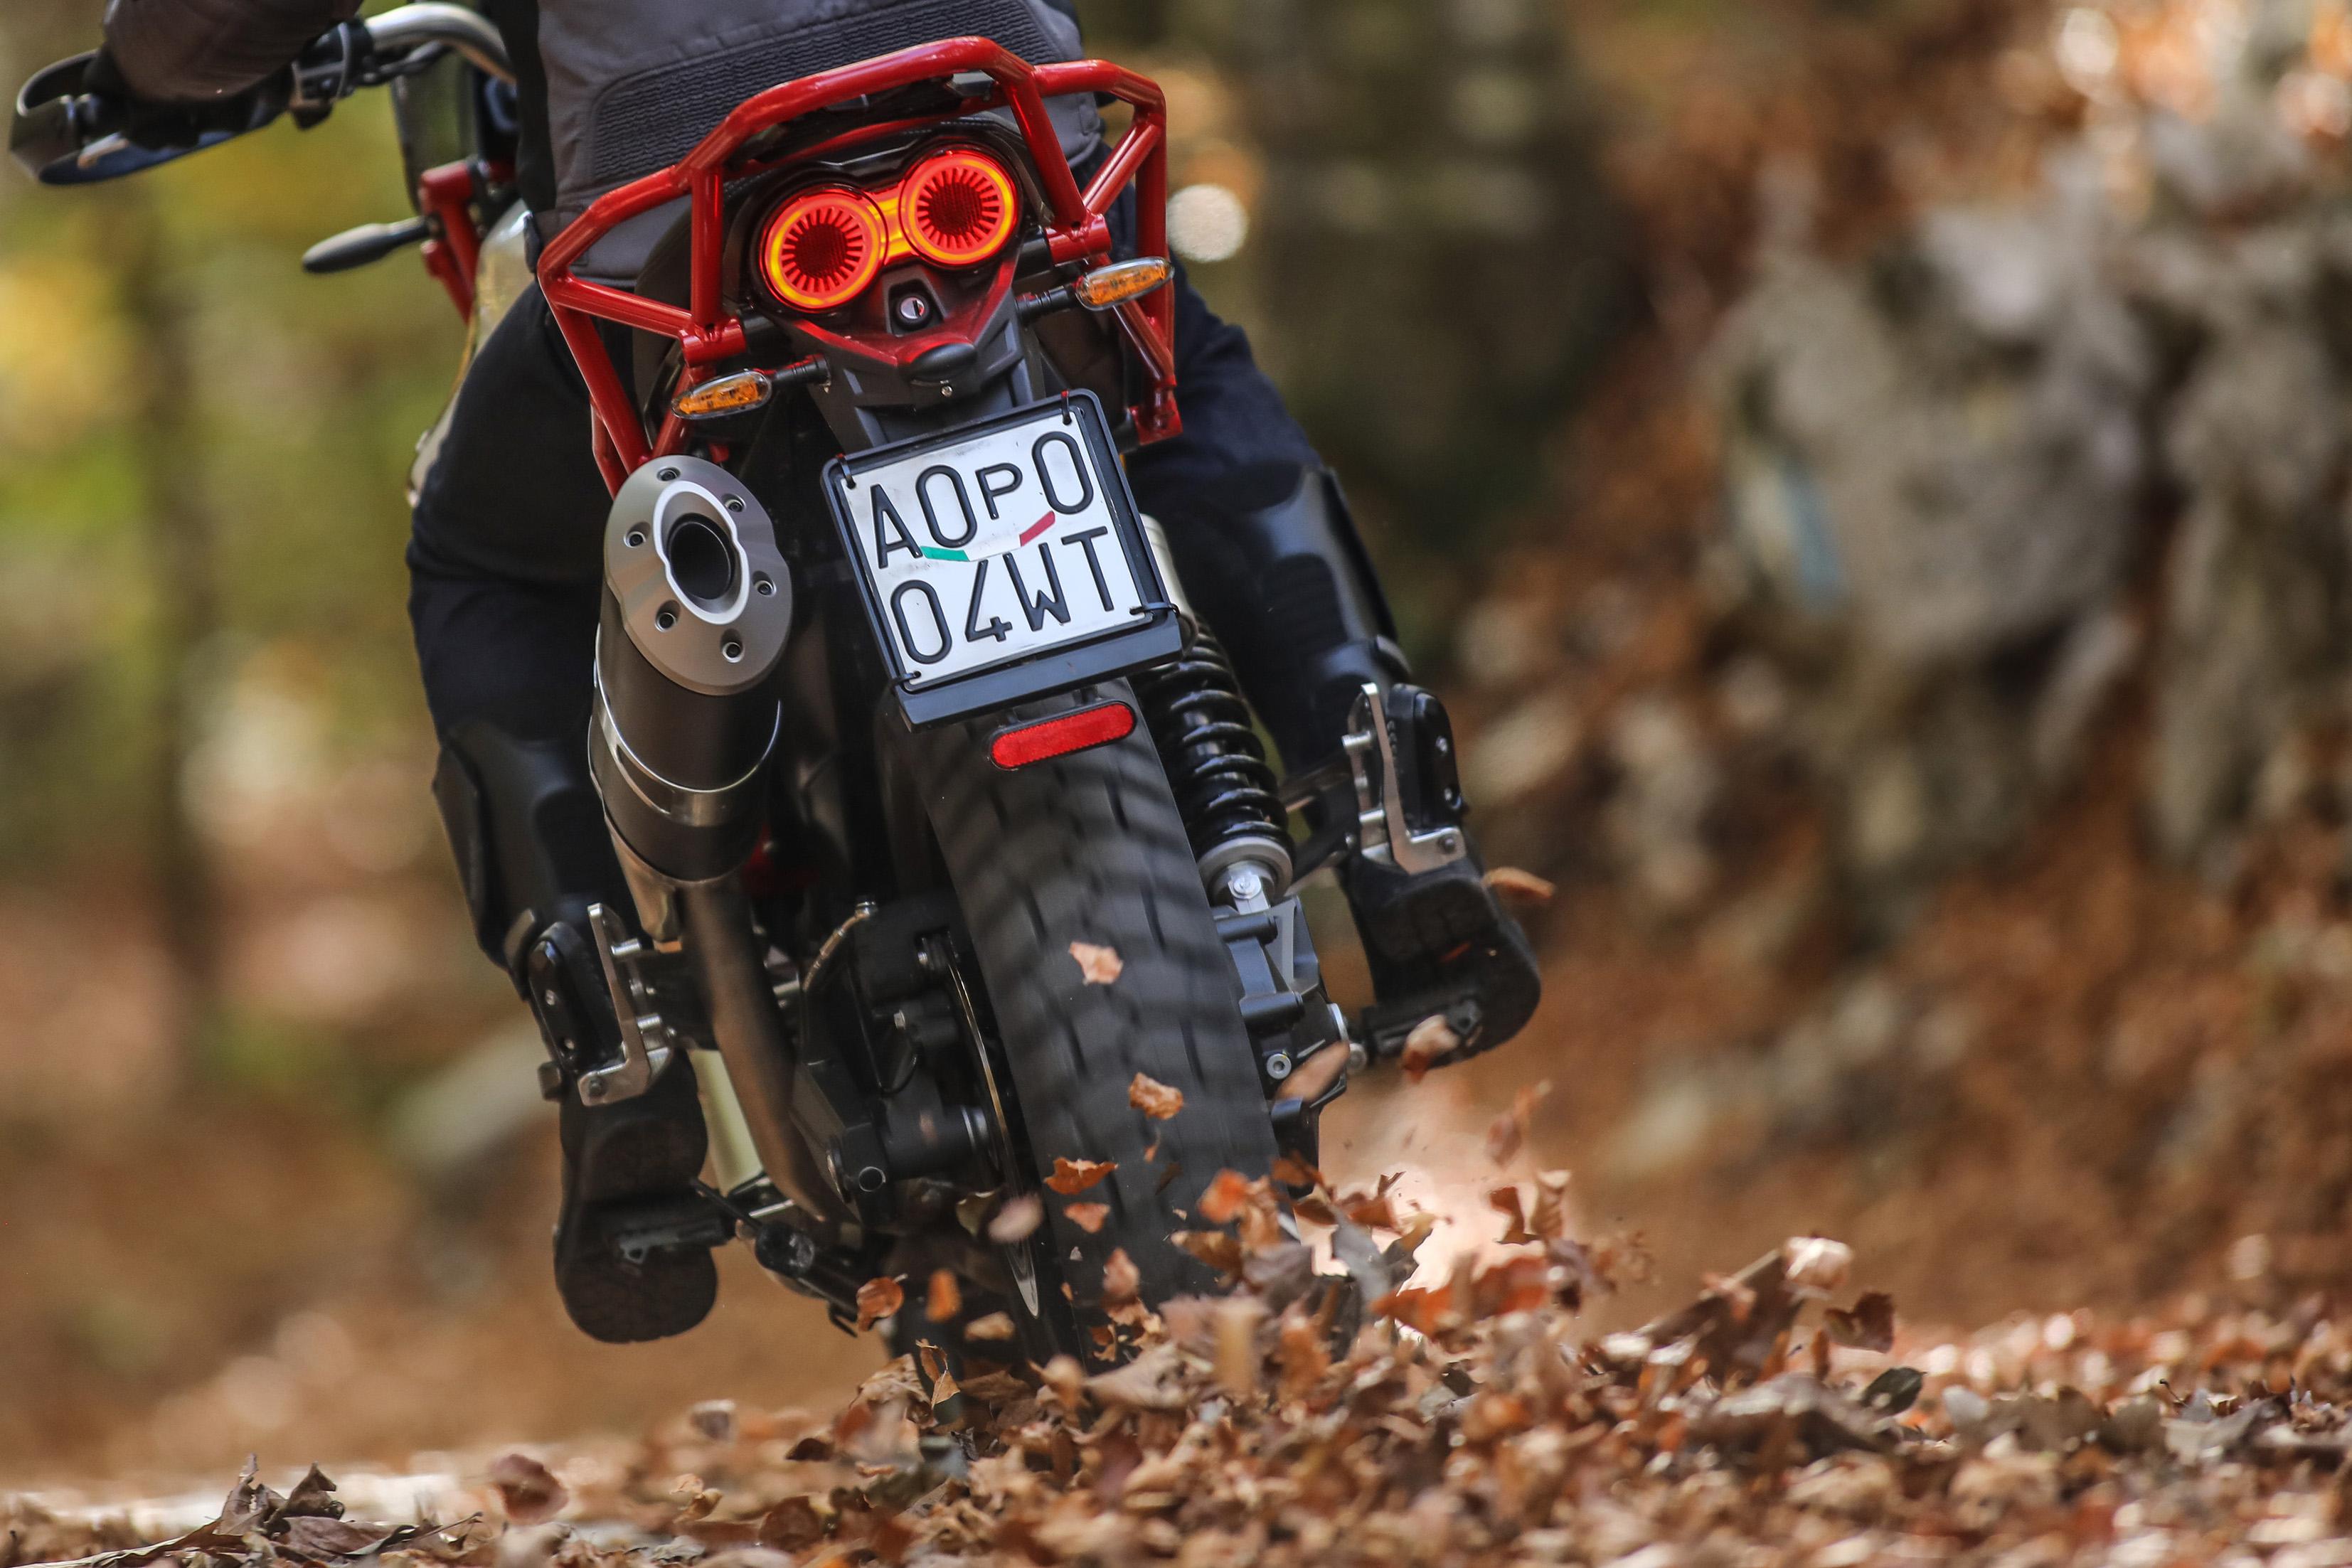 65 Moto Guzzi V85 TT